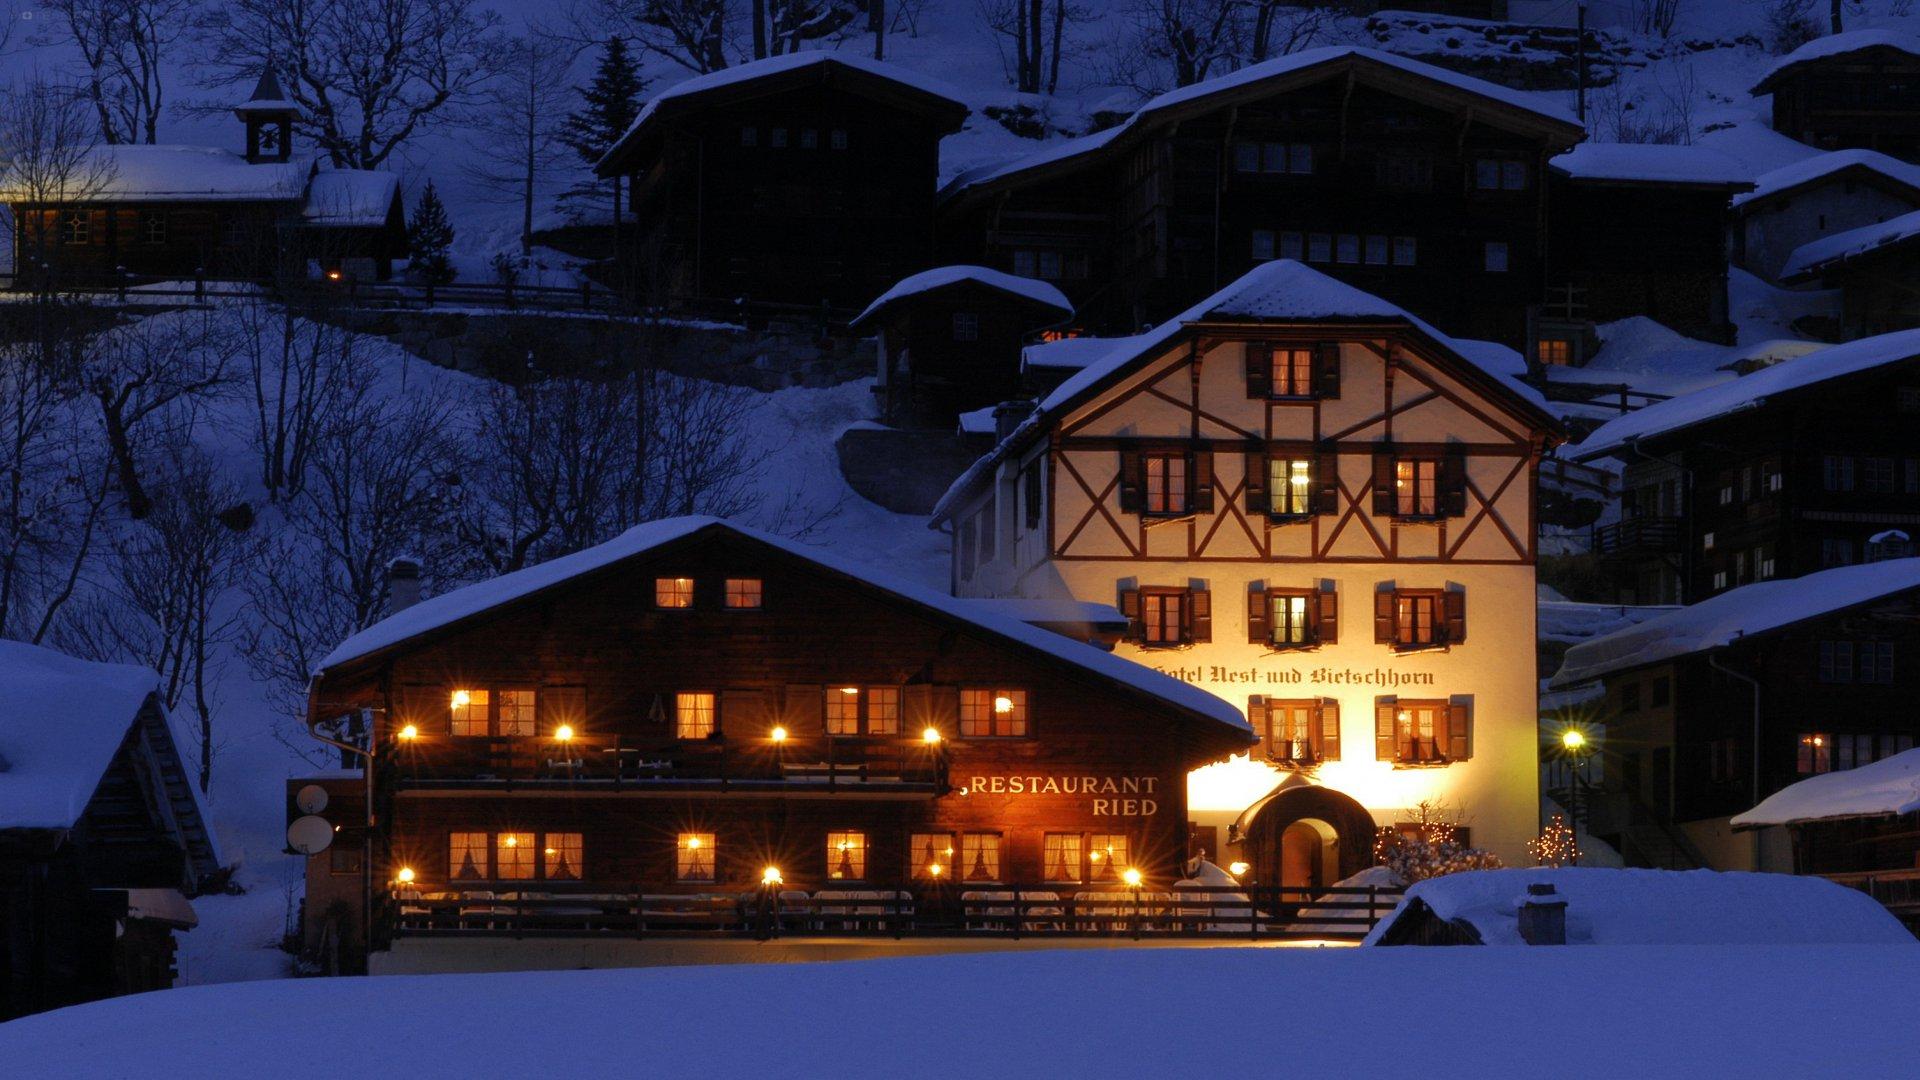 Hotel Nest- und Bietschhorn 1